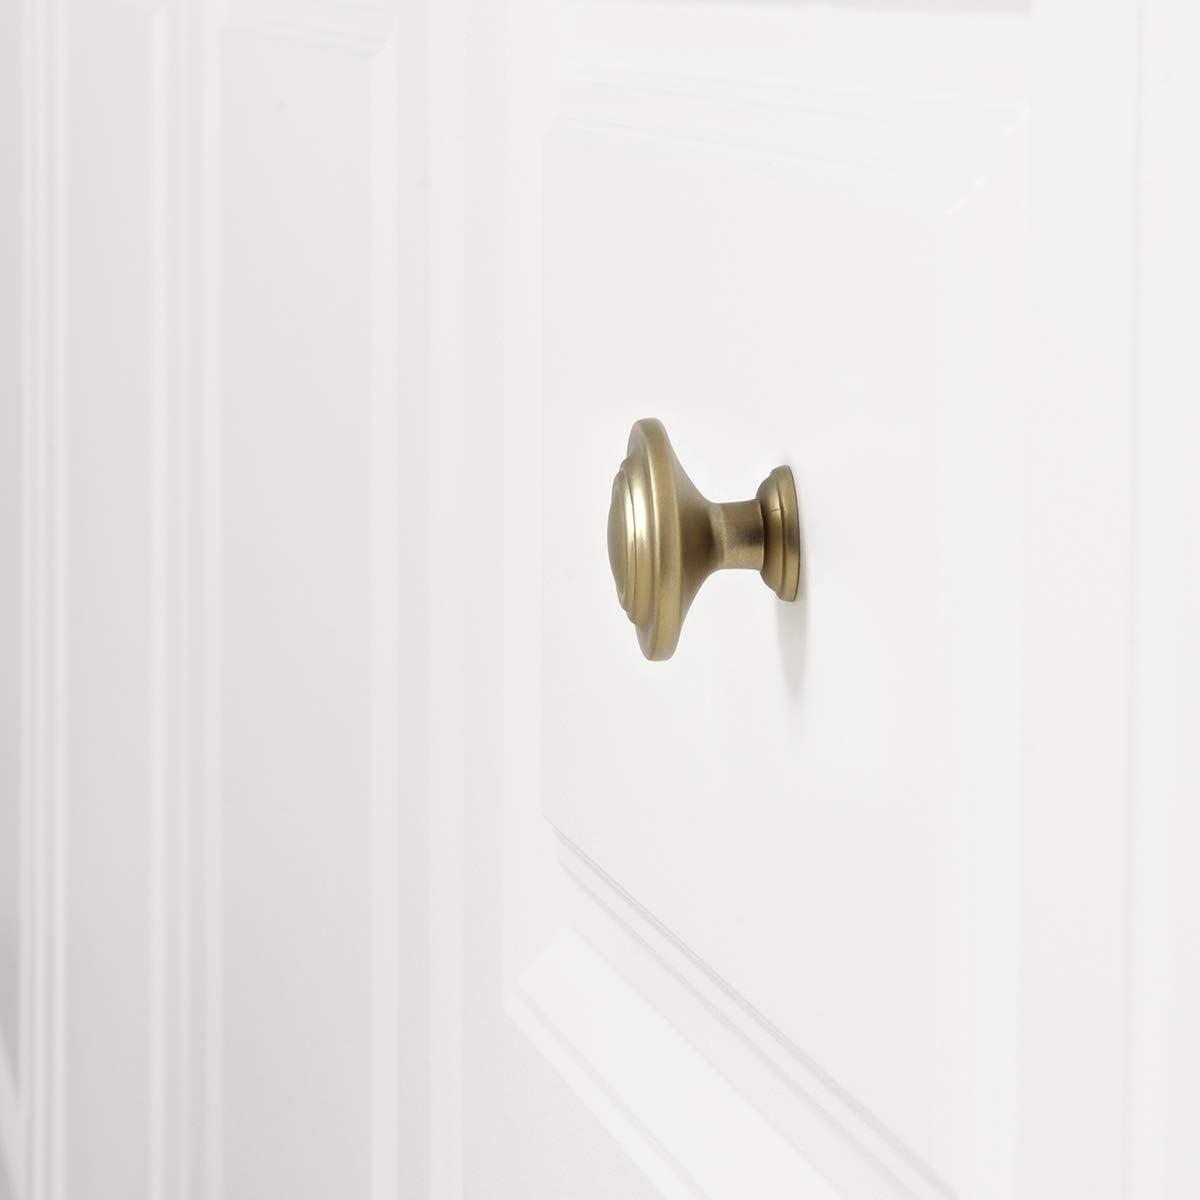 Basics color dorado champ/án 3,17 cm de di/ámetro Pomo de armario superior 25 unidades estilo tradicional